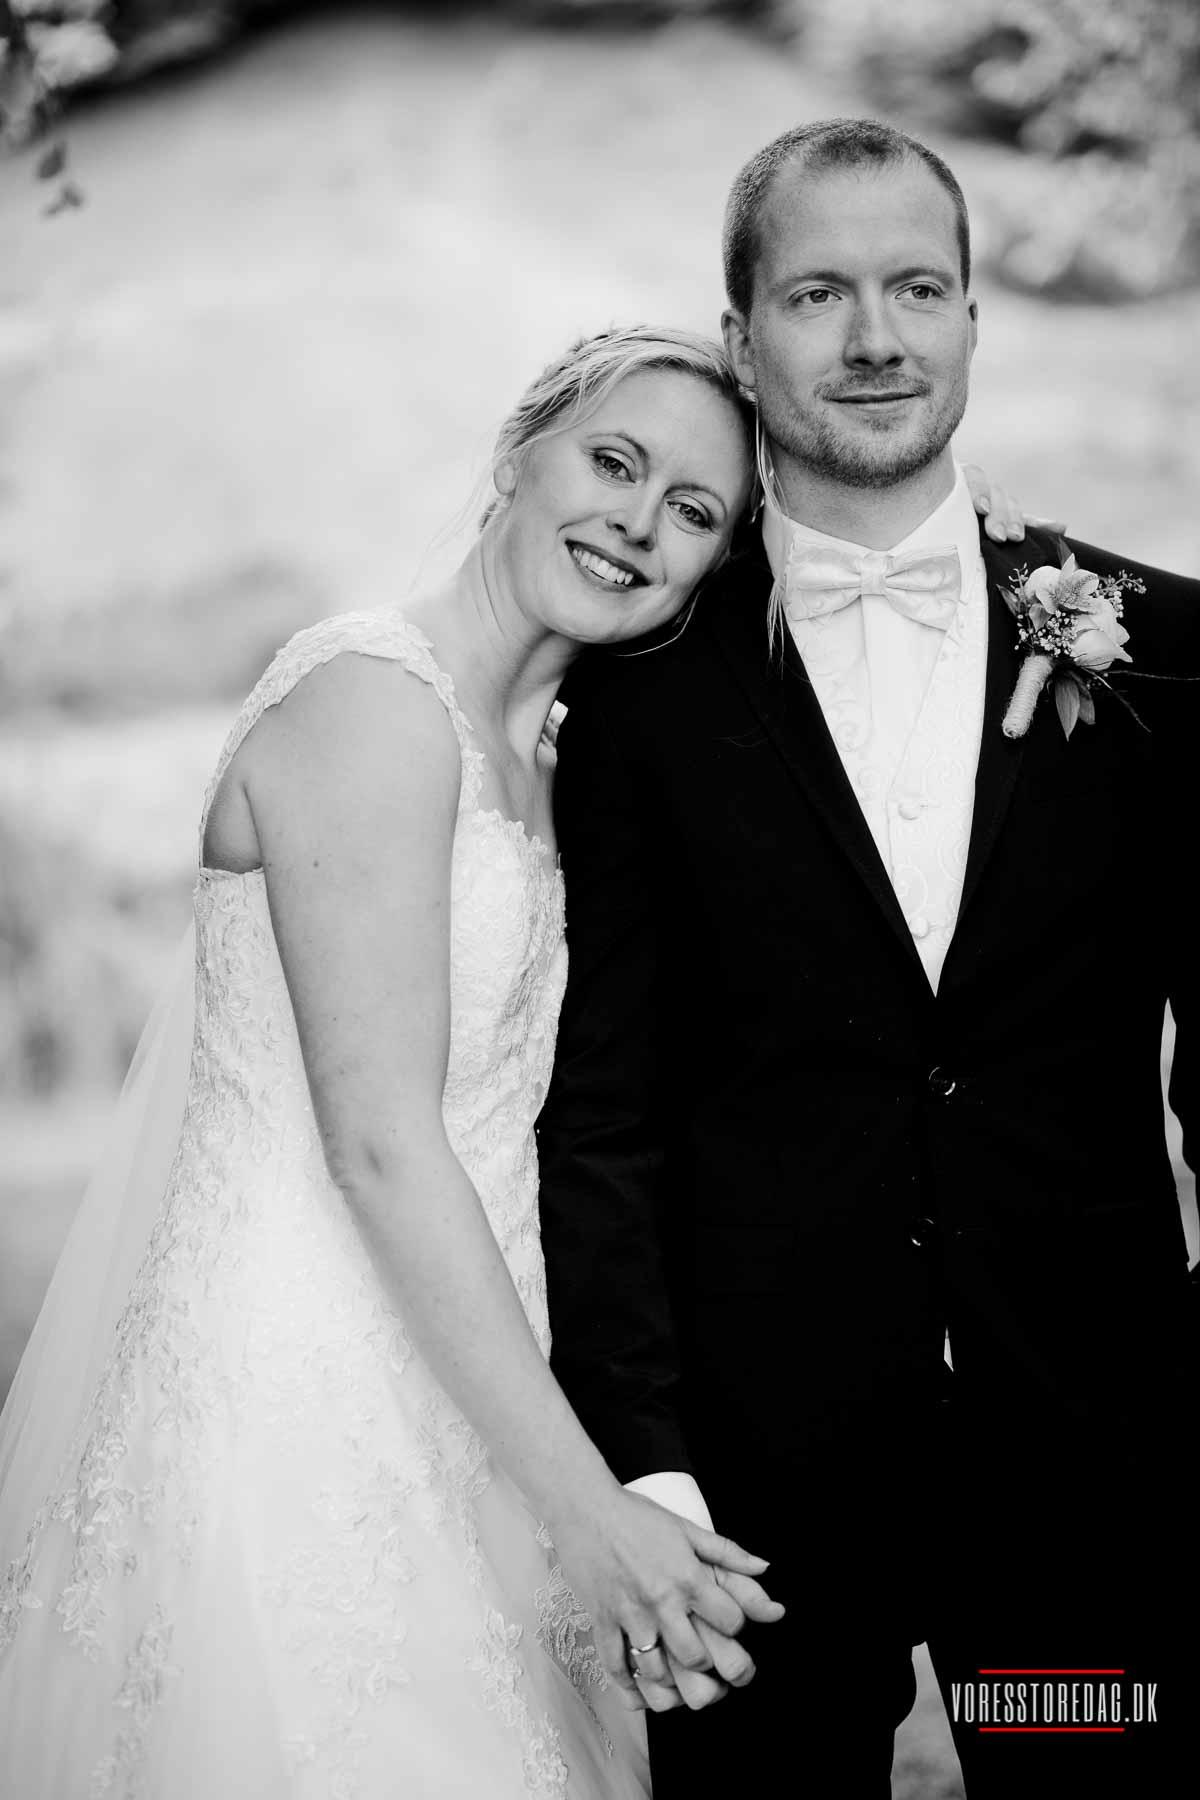 brudepar i Aalborg og omegn